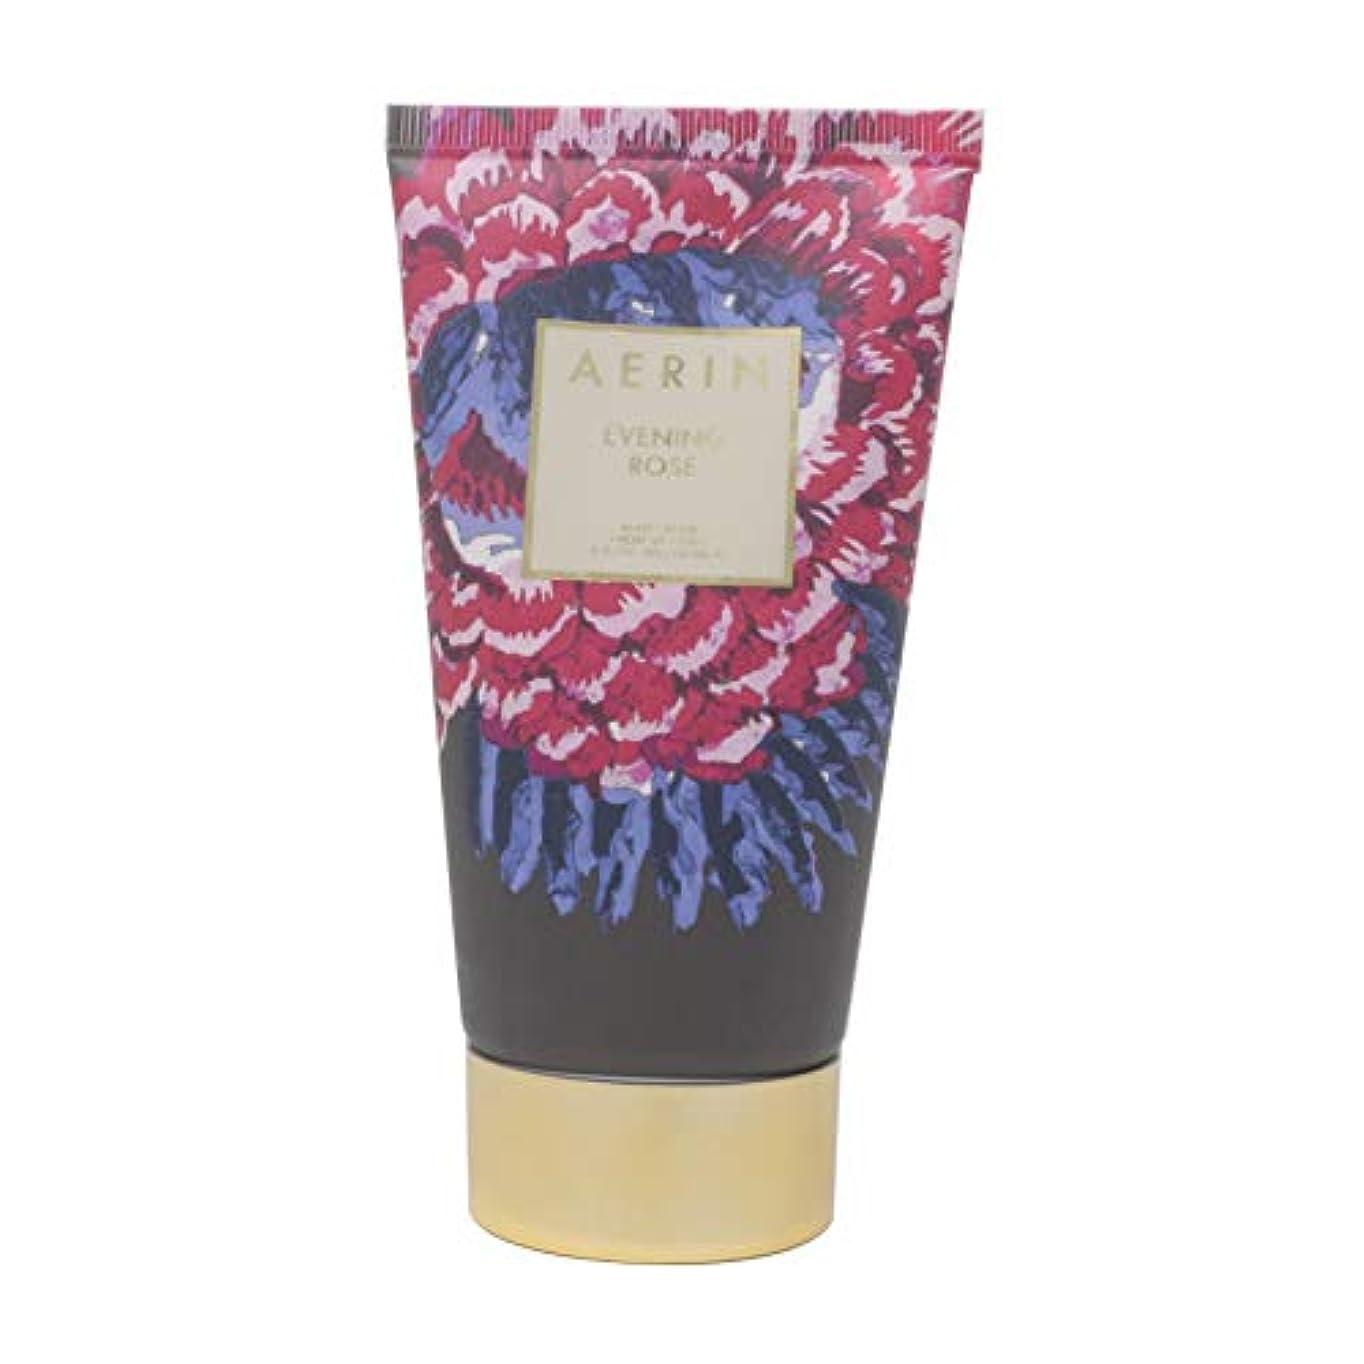 身元病院盲信AERIN 'Evening Rose' (アエリン イブニング ローズ) 5.0 oz (150ml) Body Cream ボディークリーム by Estee Lauder for Women